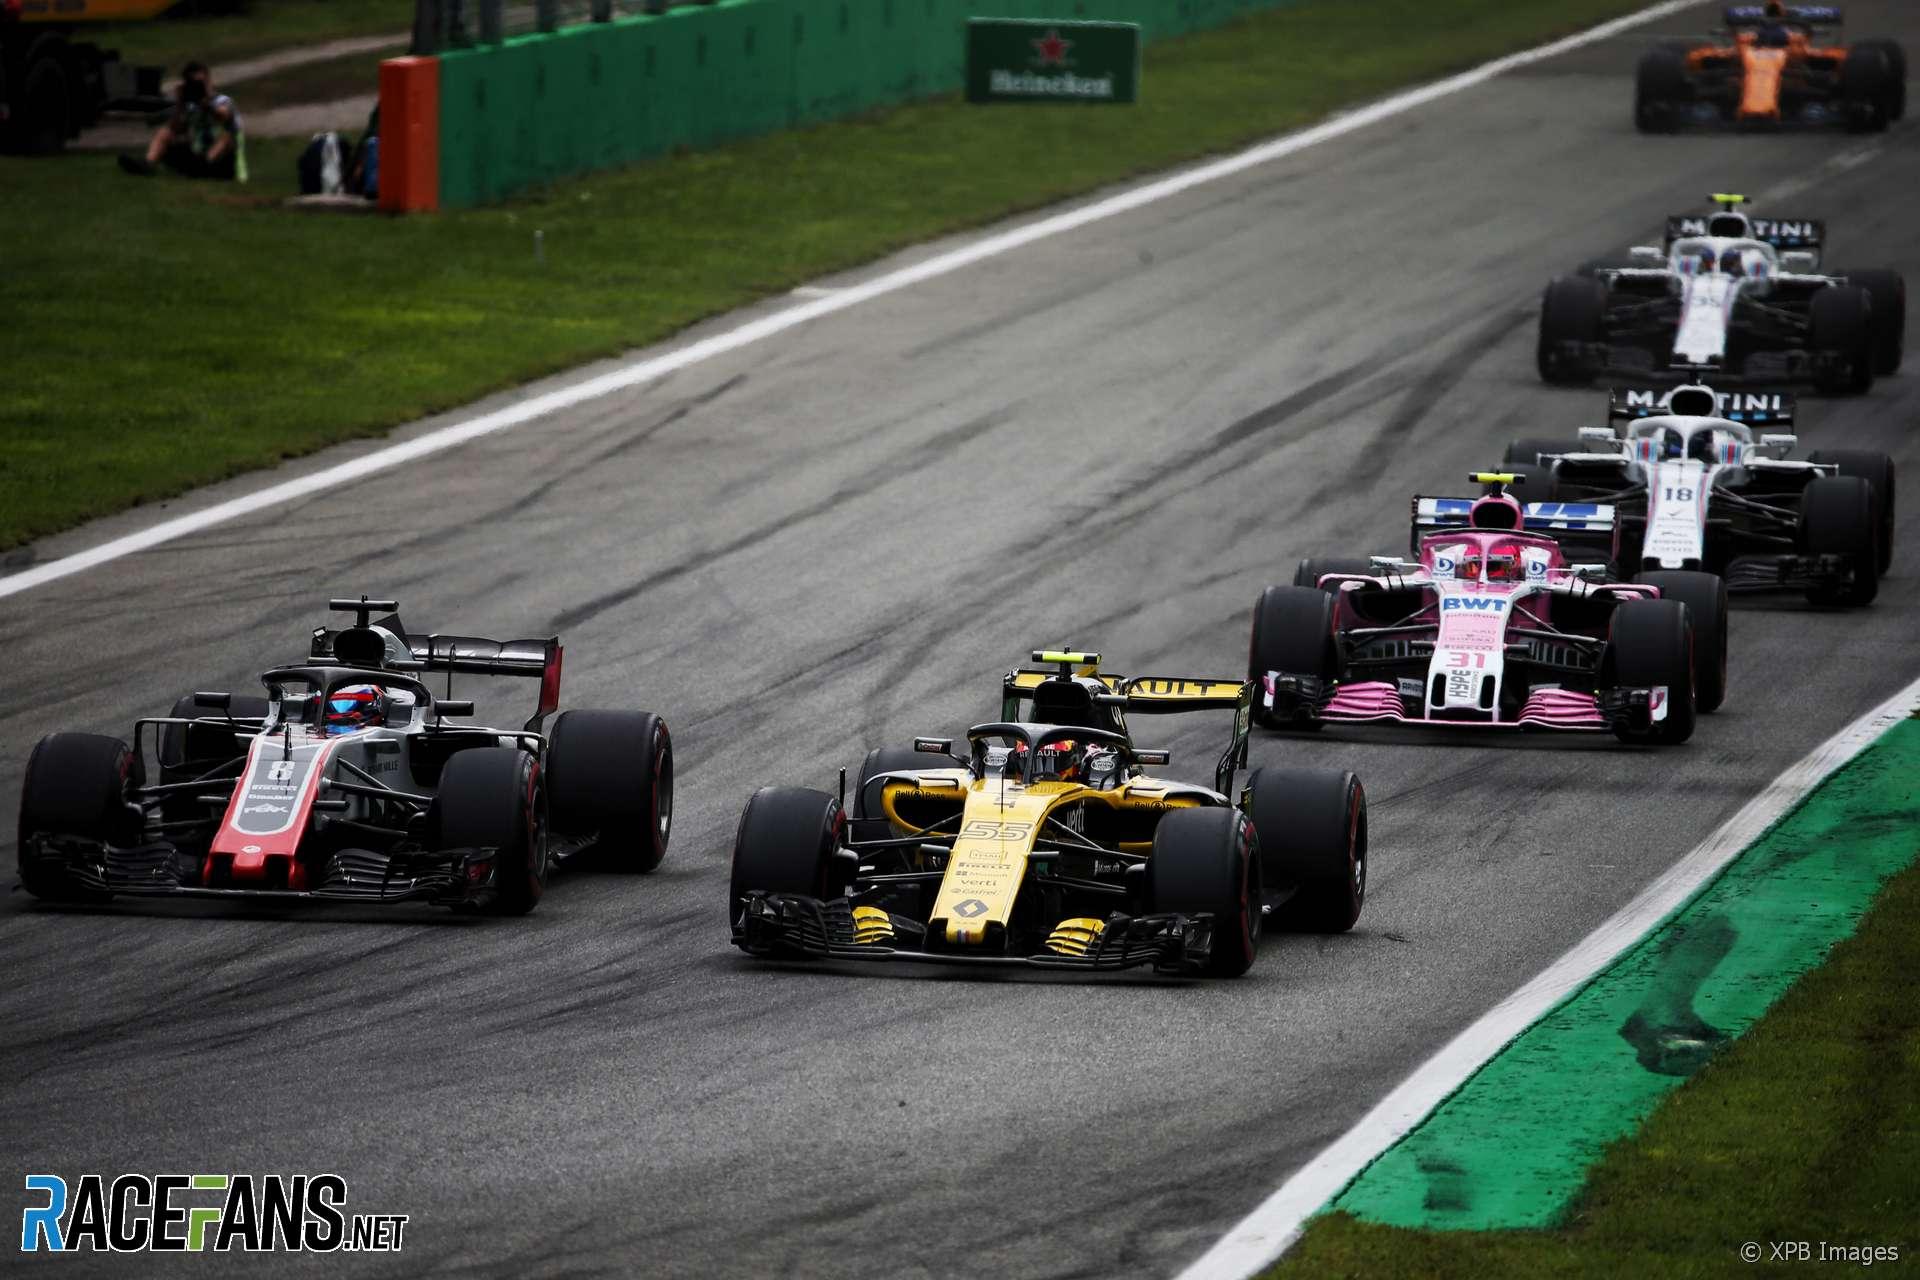 Carlos Sainz Jnr, Renault, Monza, 2018